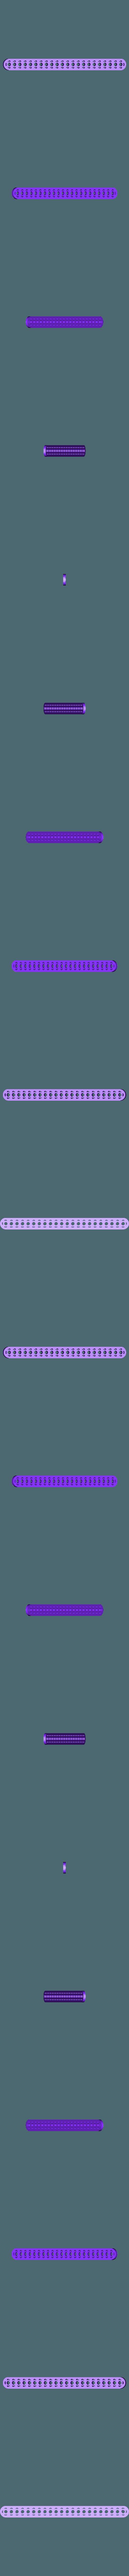 strait_22.STL Télécharger fichier STL gratuit MEGA Expansion 200+ Pièces • Plan à imprimer en 3D, Pwentey